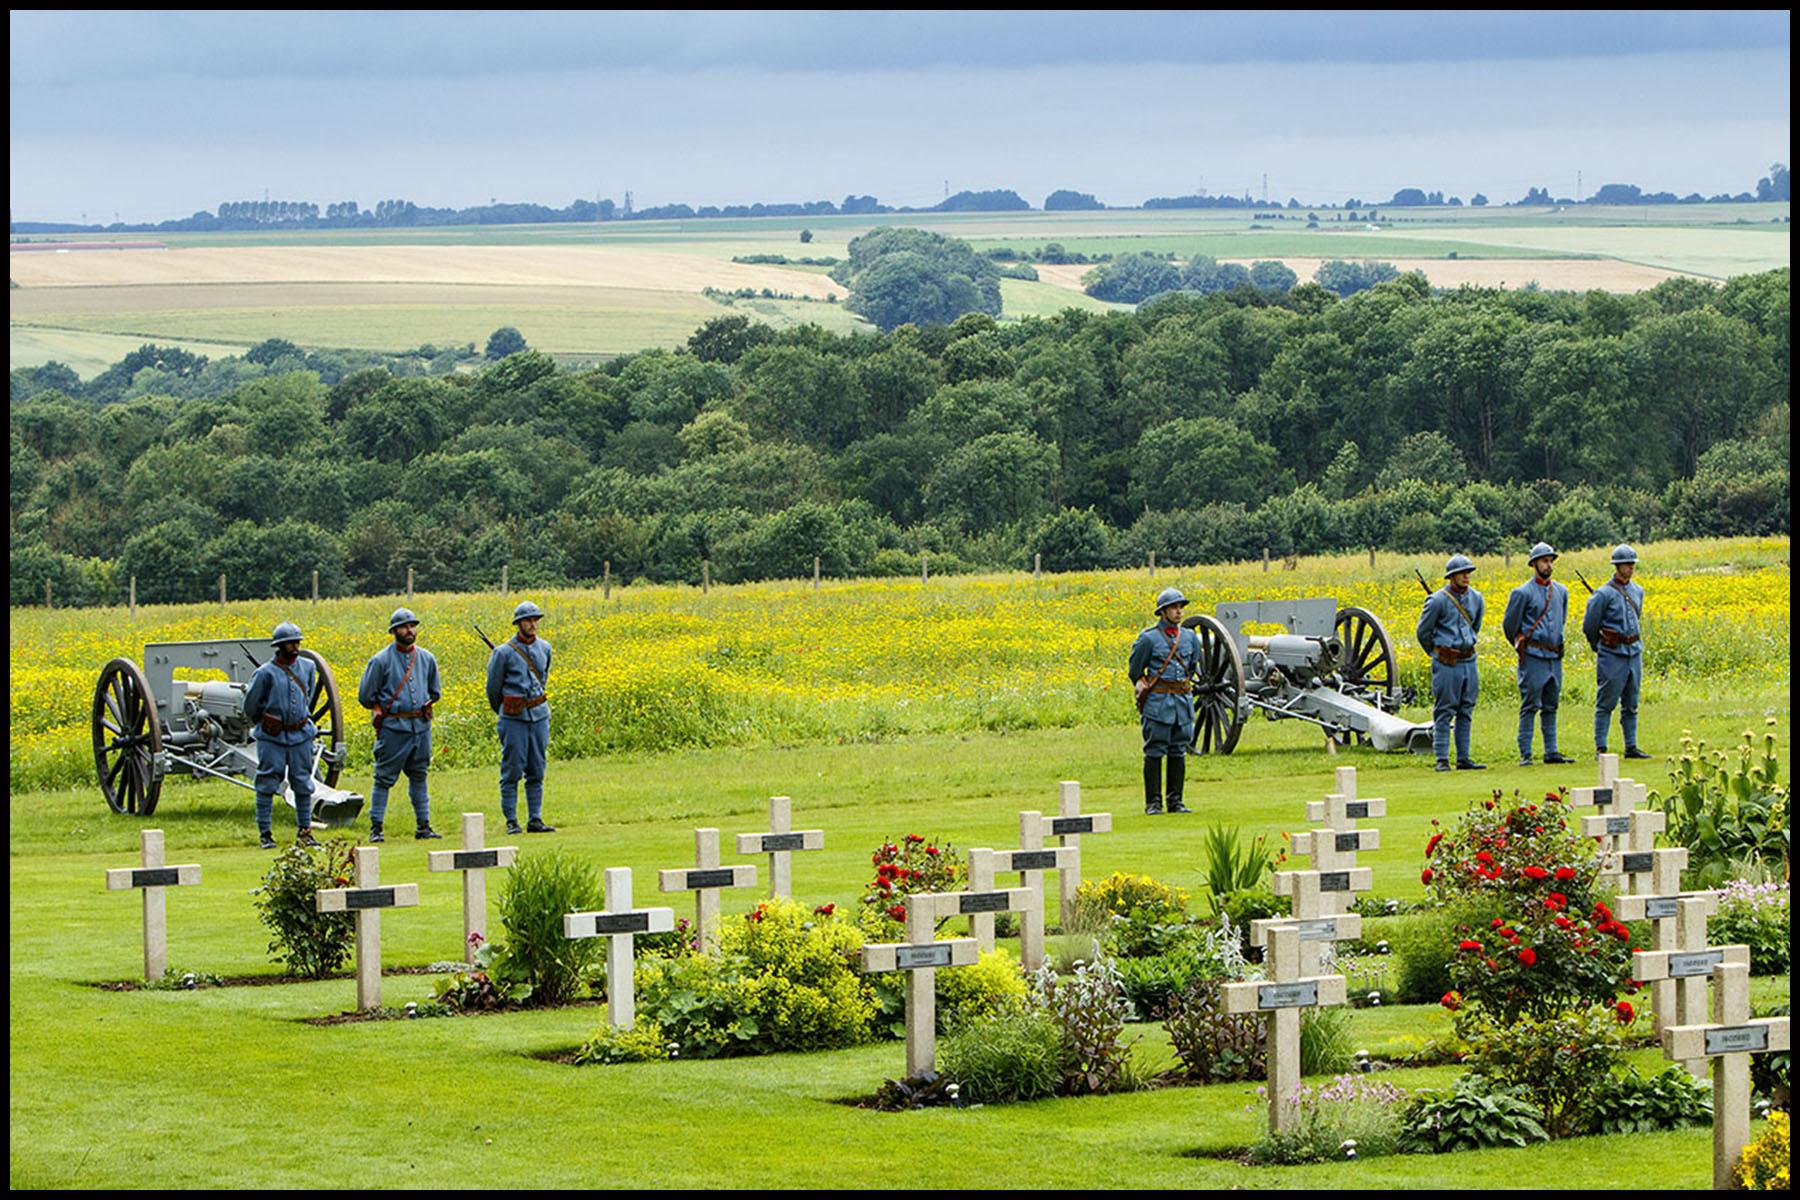 Cérémonie du centenaire de la bataille de la Somme à Thiepval